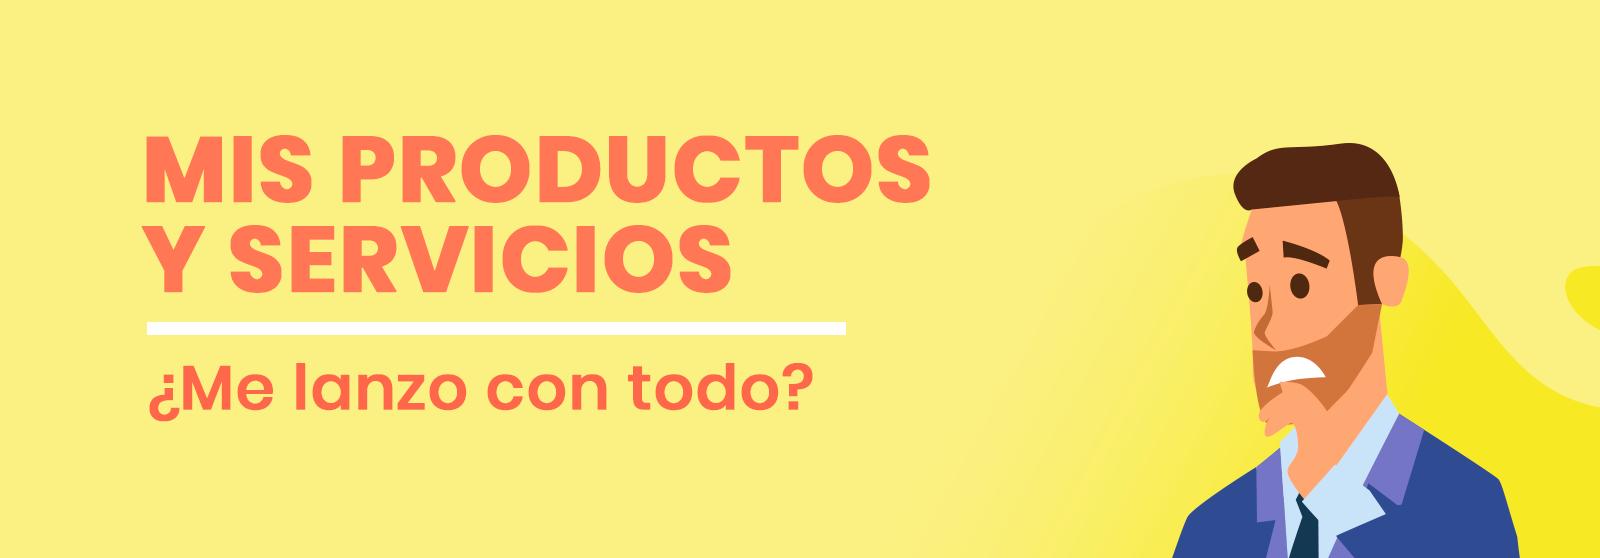 E-commerce servicios y productos